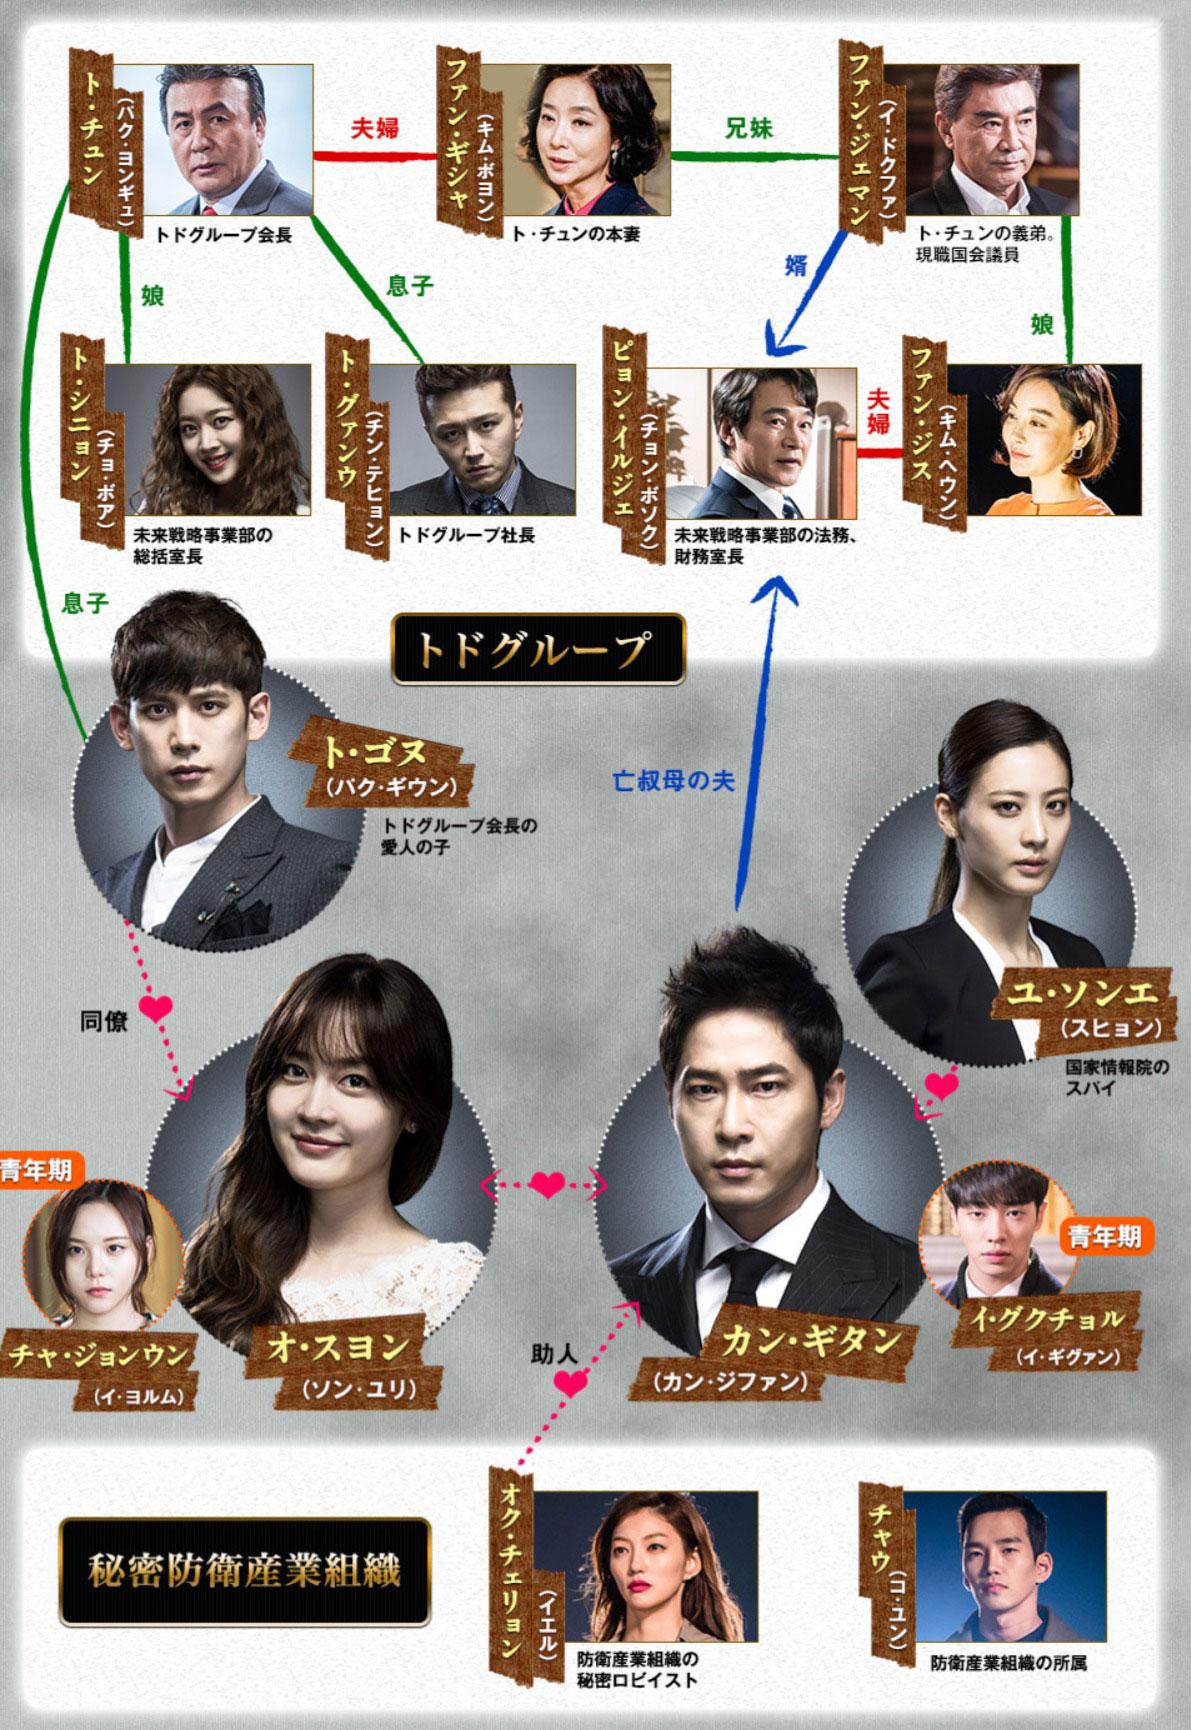 韓国ドラマ『モンスター~その愛と復讐~』登場人物相関図(関係図)